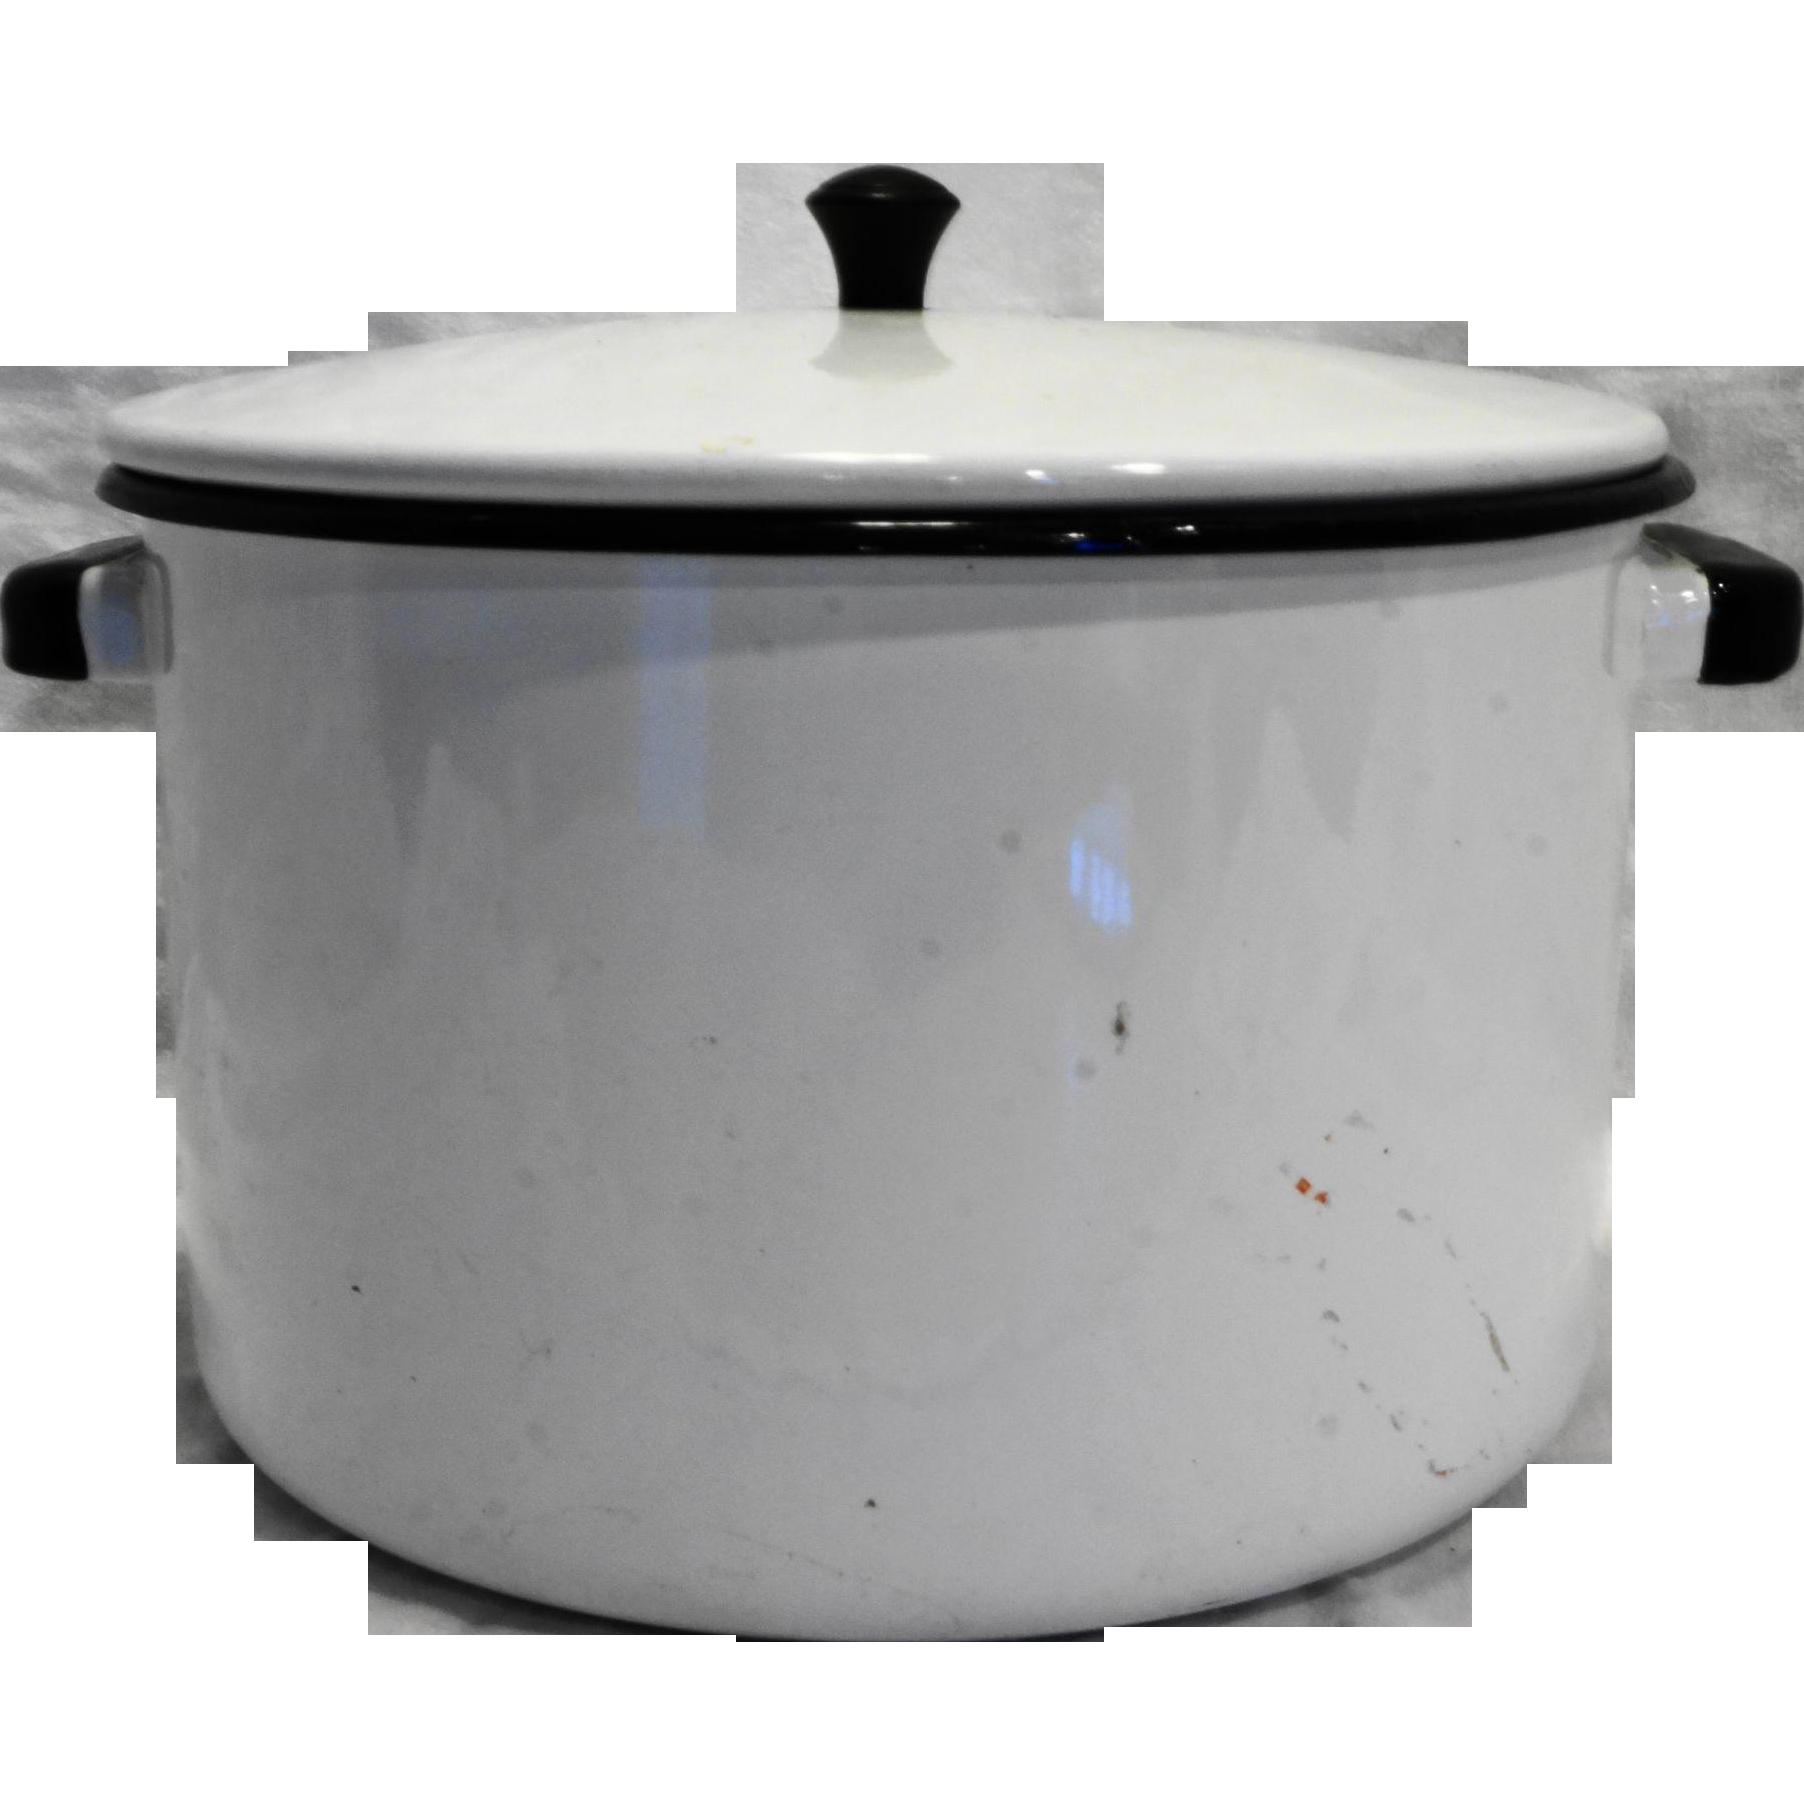 White Black Enamel Stock Pot 8 Qt 8 x 10